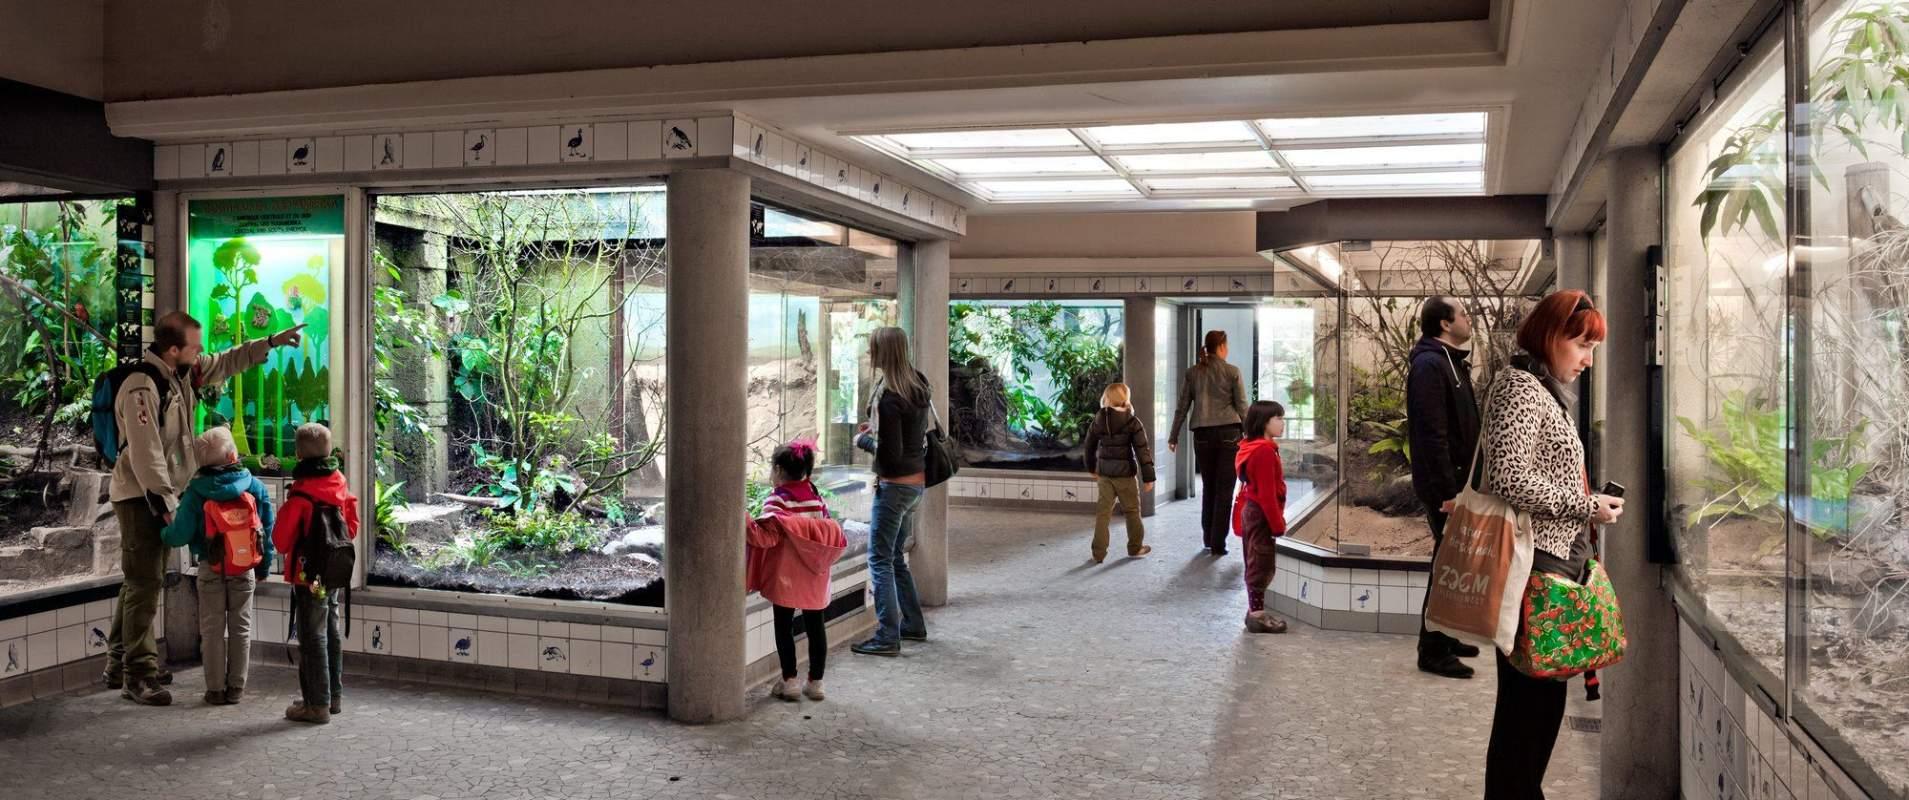 Zoo K Borghouts